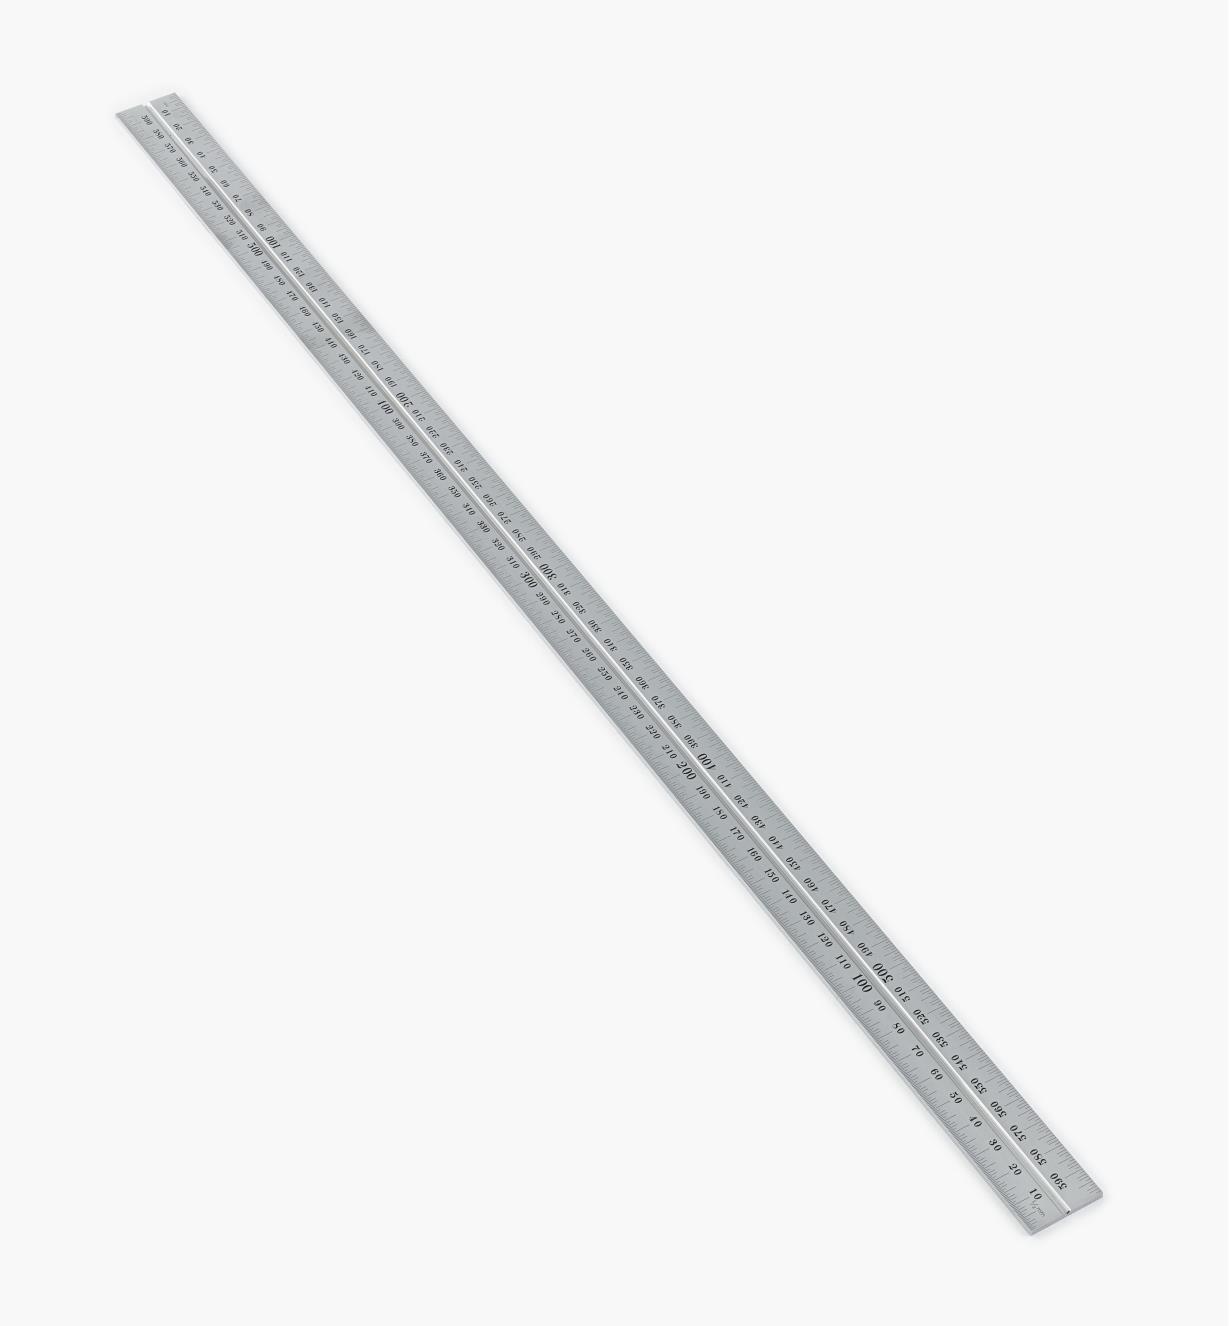 30N3146 - Règle 600 mm, fini chrome pour têtes d'équerre de 12 po et 300 mm, rapporteur d'angle et tête de centrage Starrett